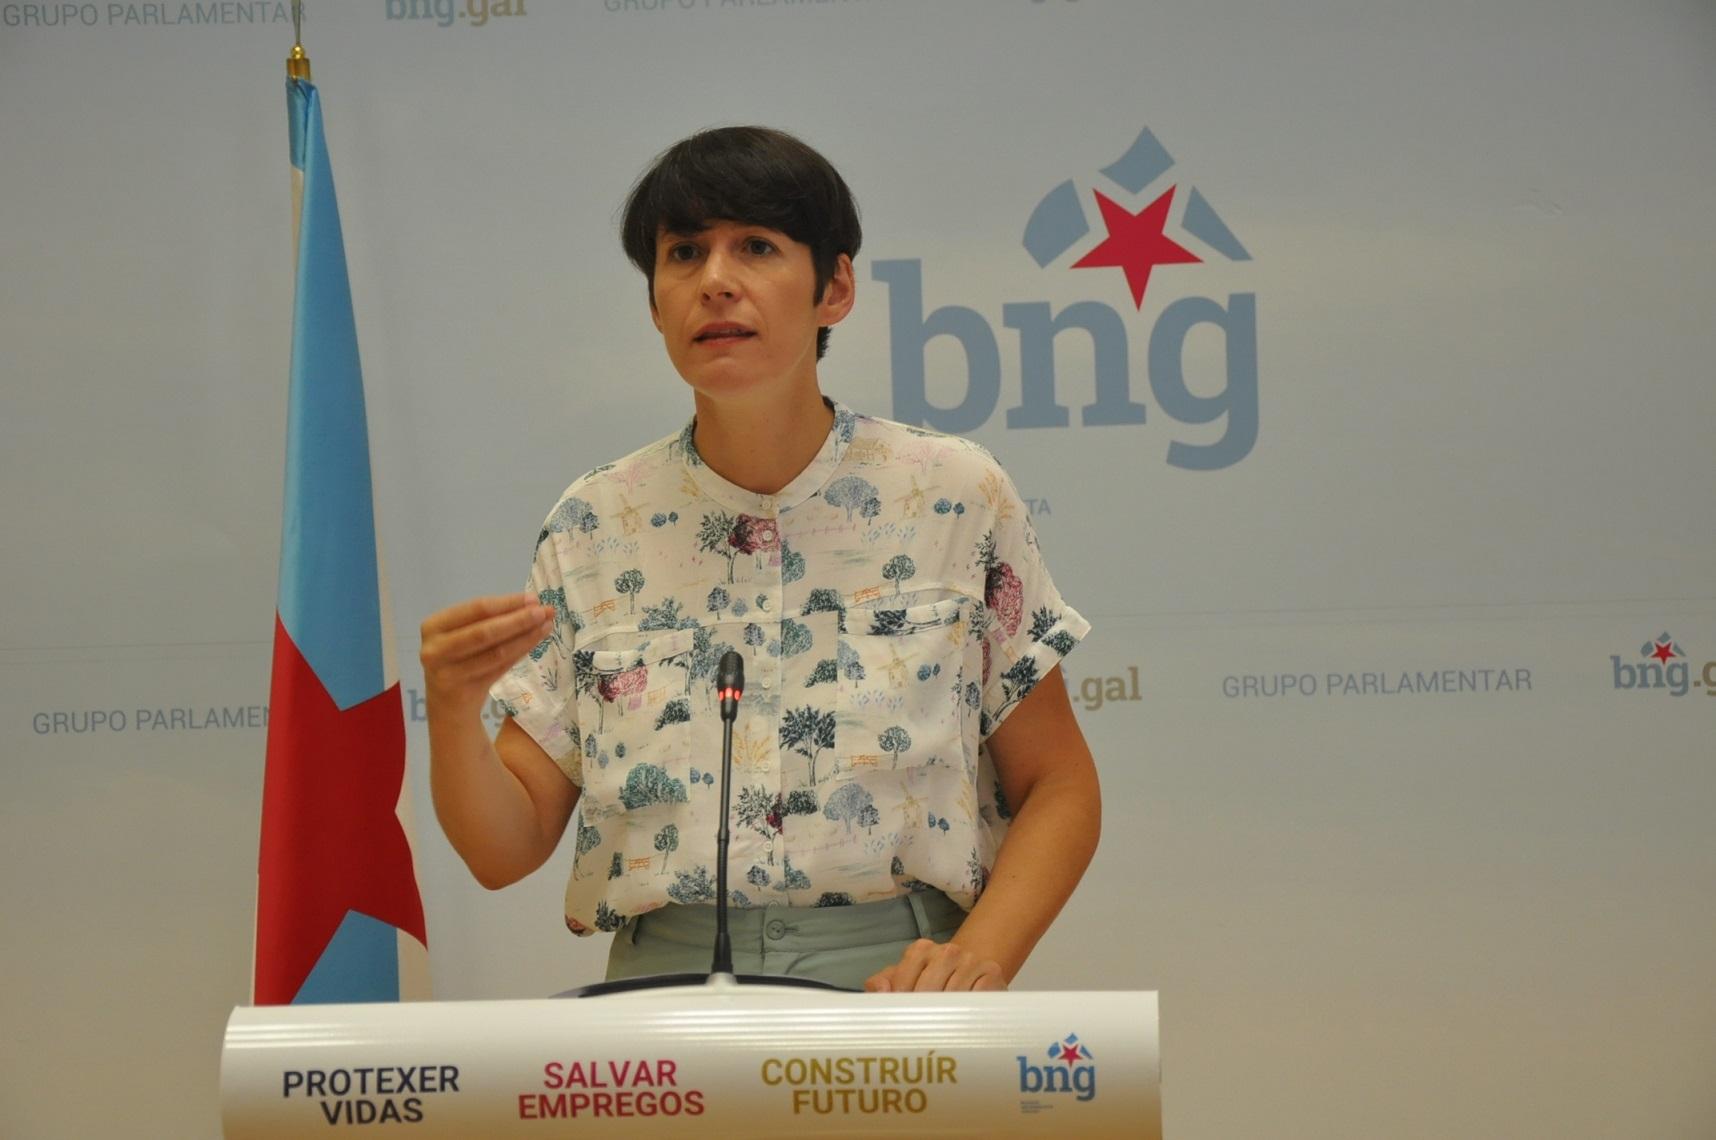 O BNG inicia o novo curso político impulsando inciativas para superar a crise social, económica e sanitaria